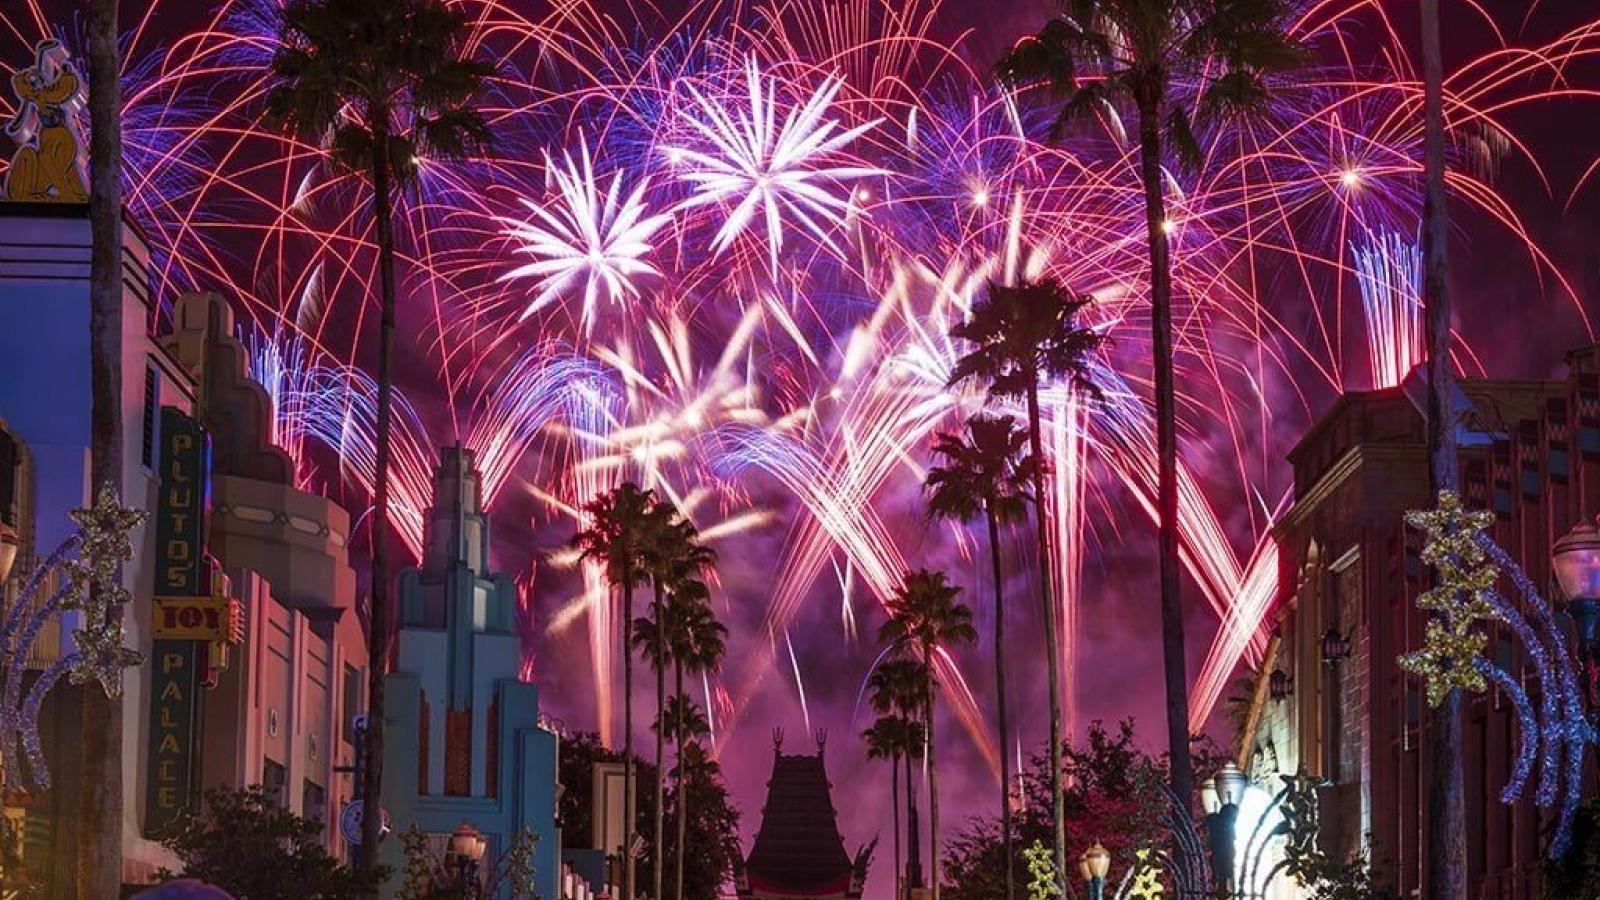 FLC muốn đầu tư tổ hợp văn hóa - giải trí 5.000 tỷ theo mô hình Disneyland tại Vĩnh Phúc